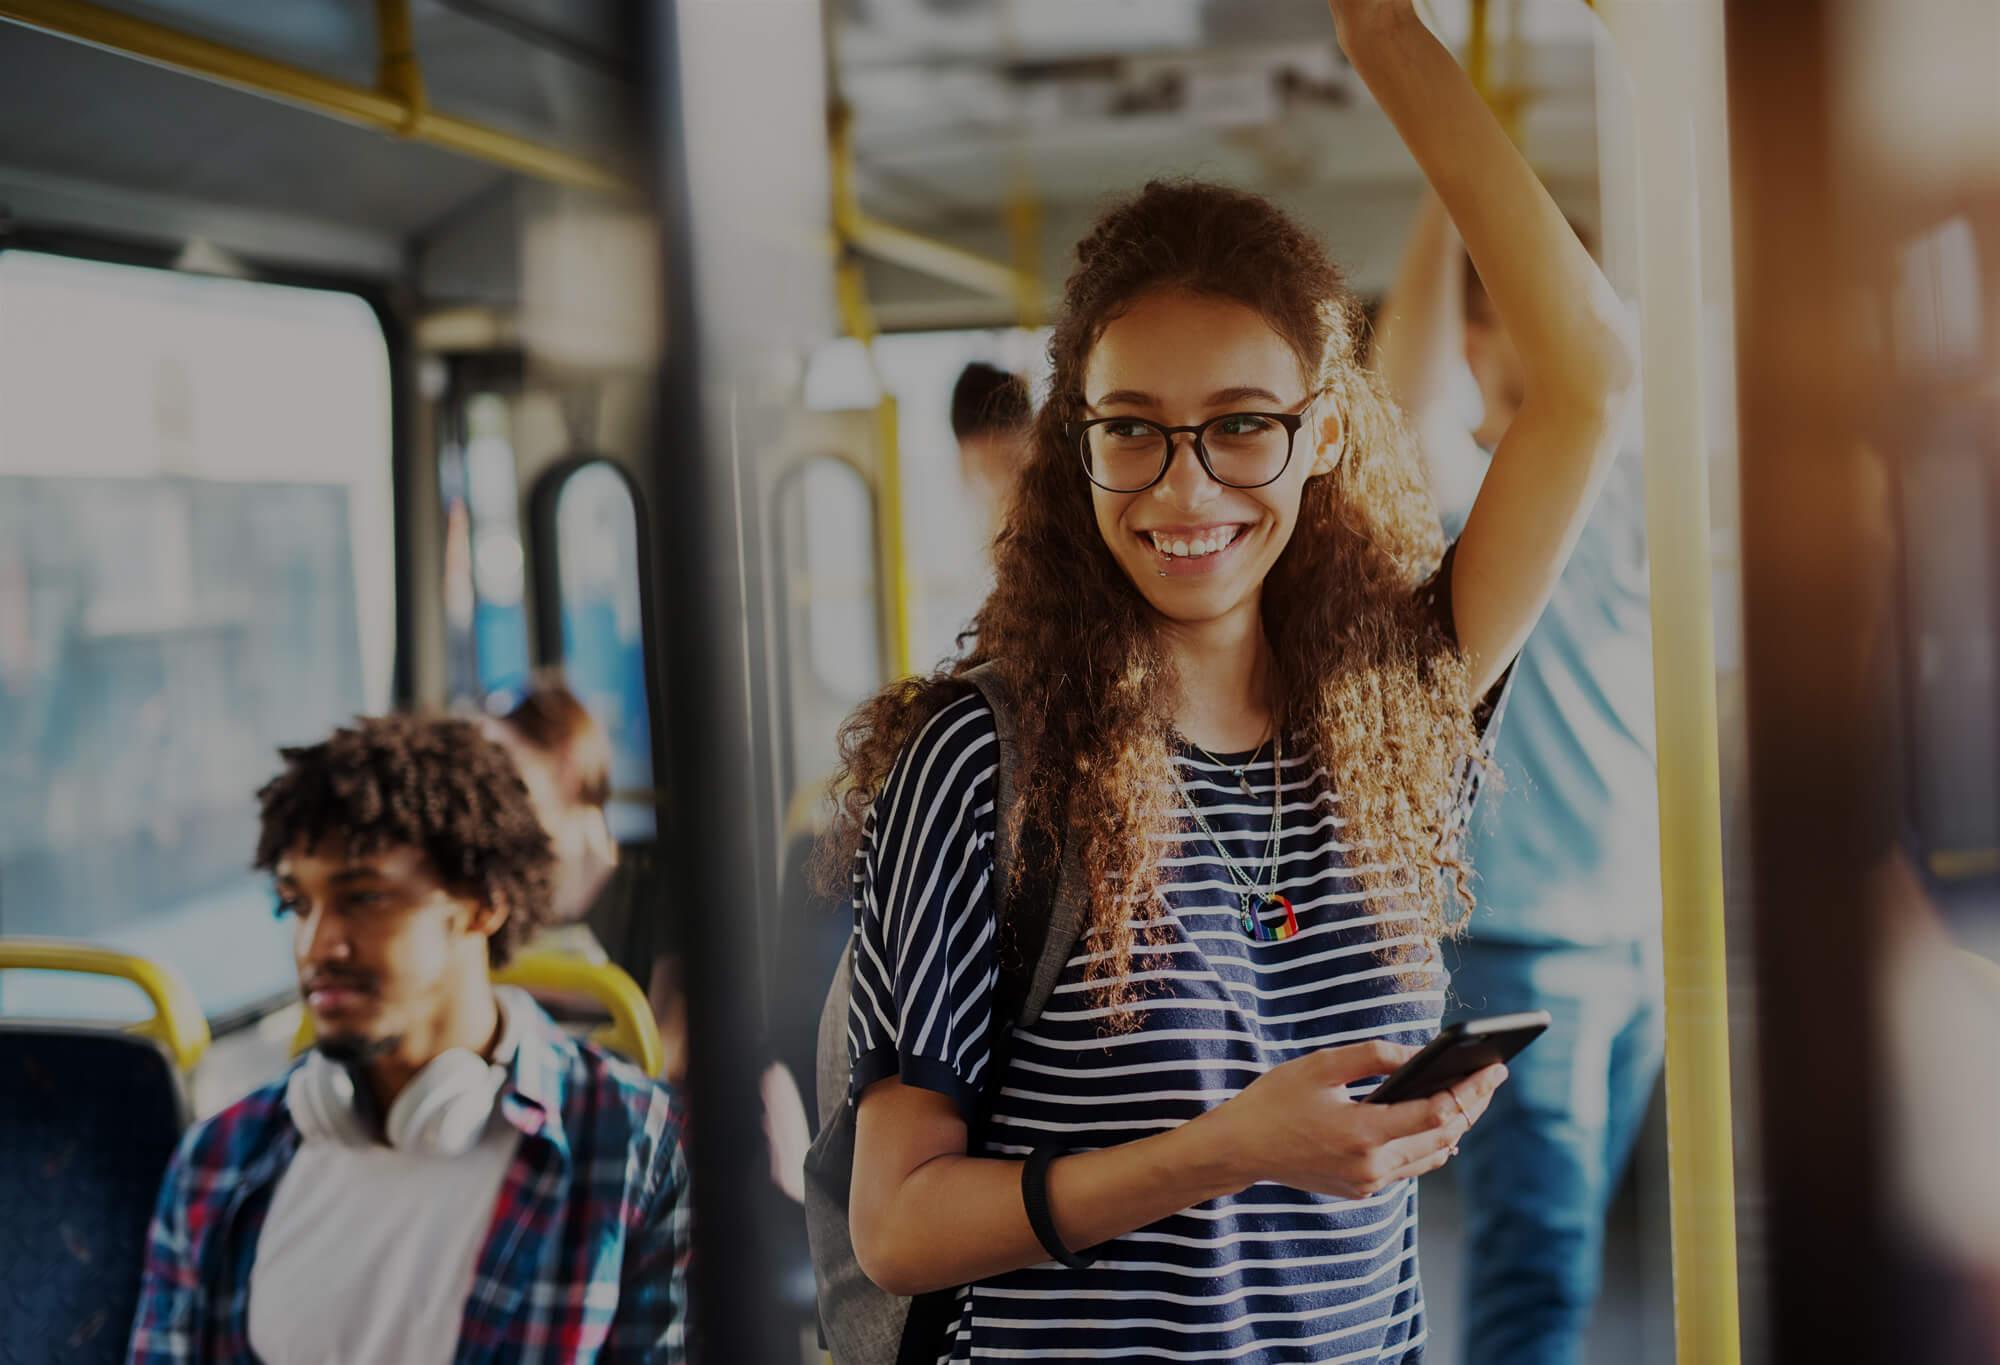 Pole emploi - offre emploi Assistant commercial en alternance (H/F) - Laval